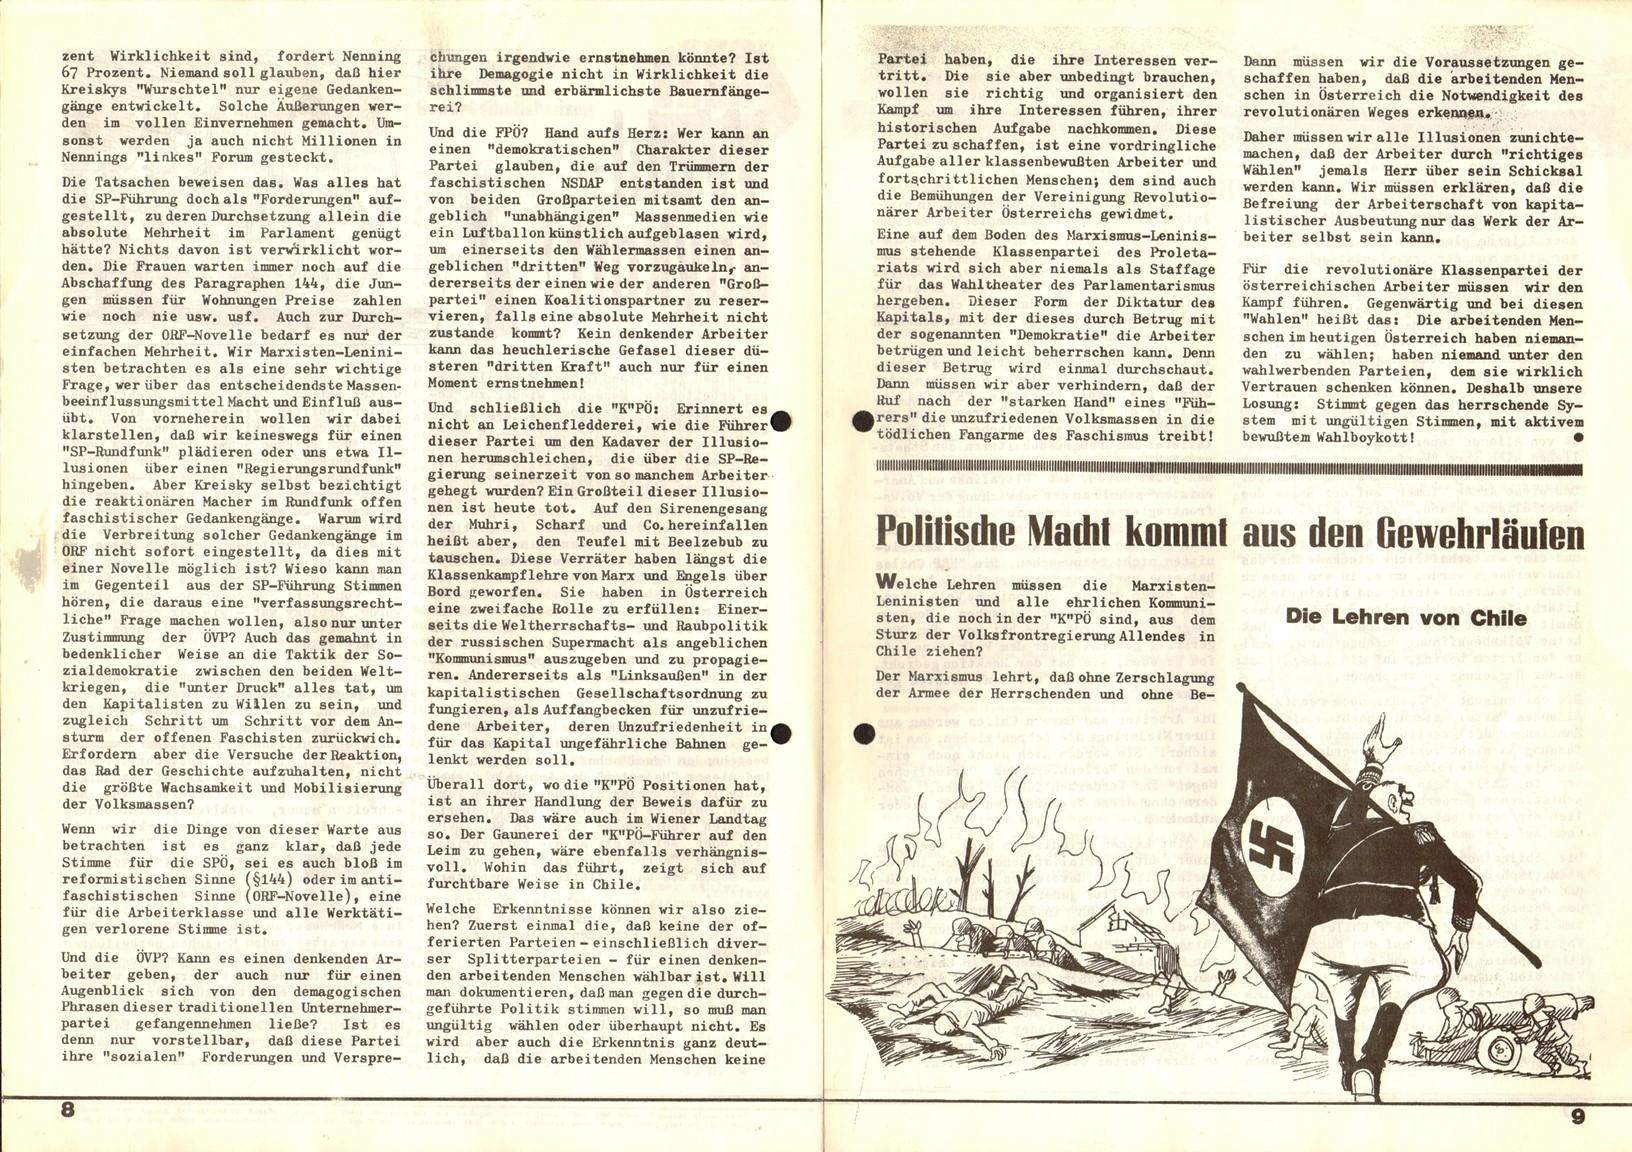 VRA_Fuer_die_Volksmacht_19731000_05